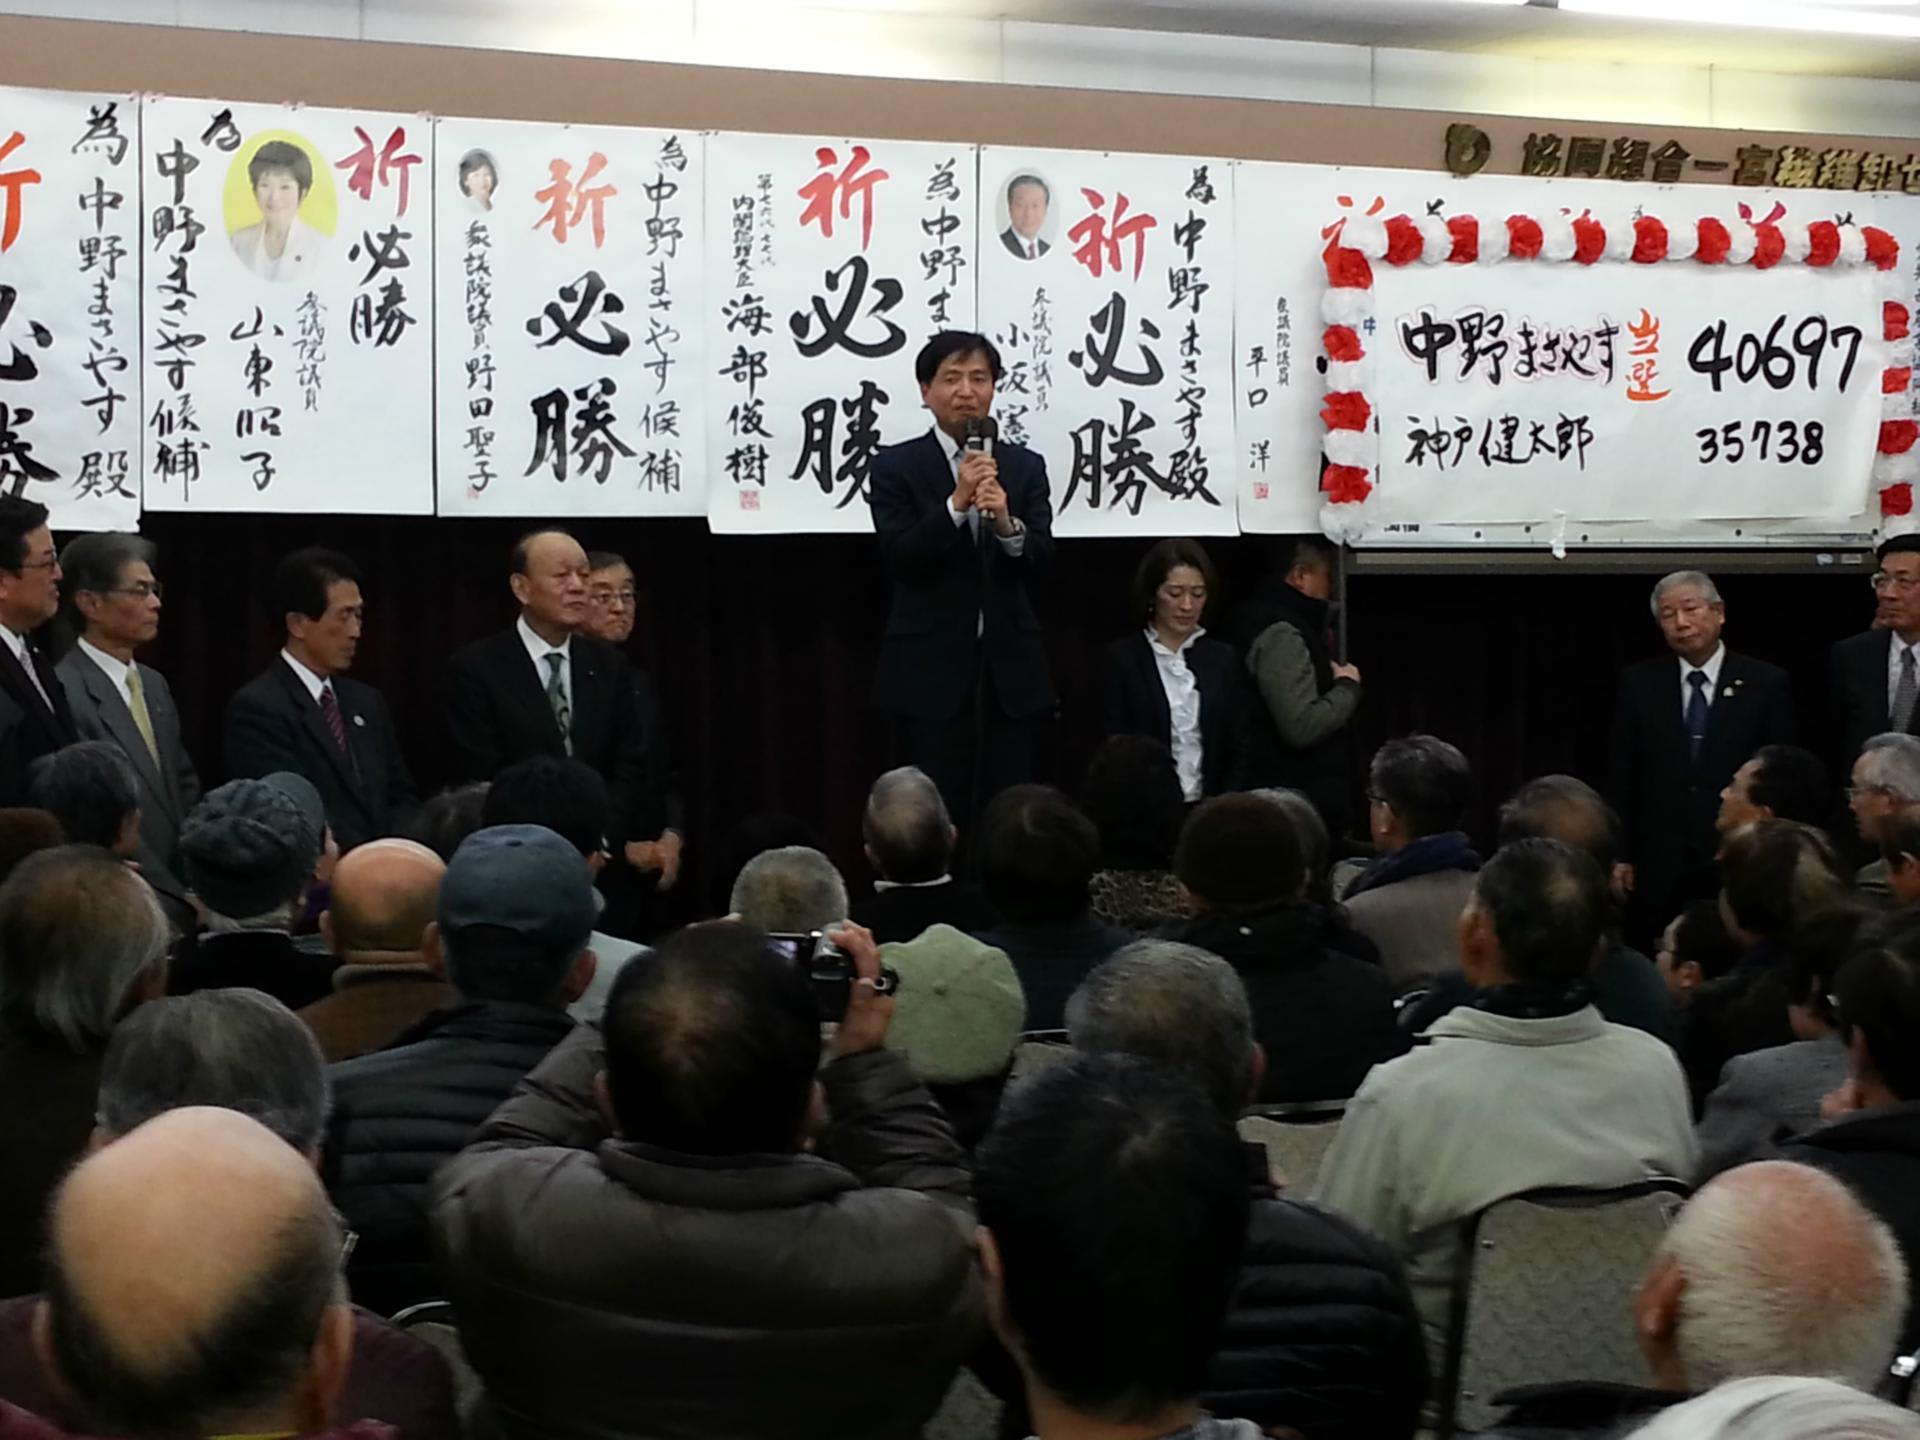 一宮市議会議員 伊藤ひろみちのBlog